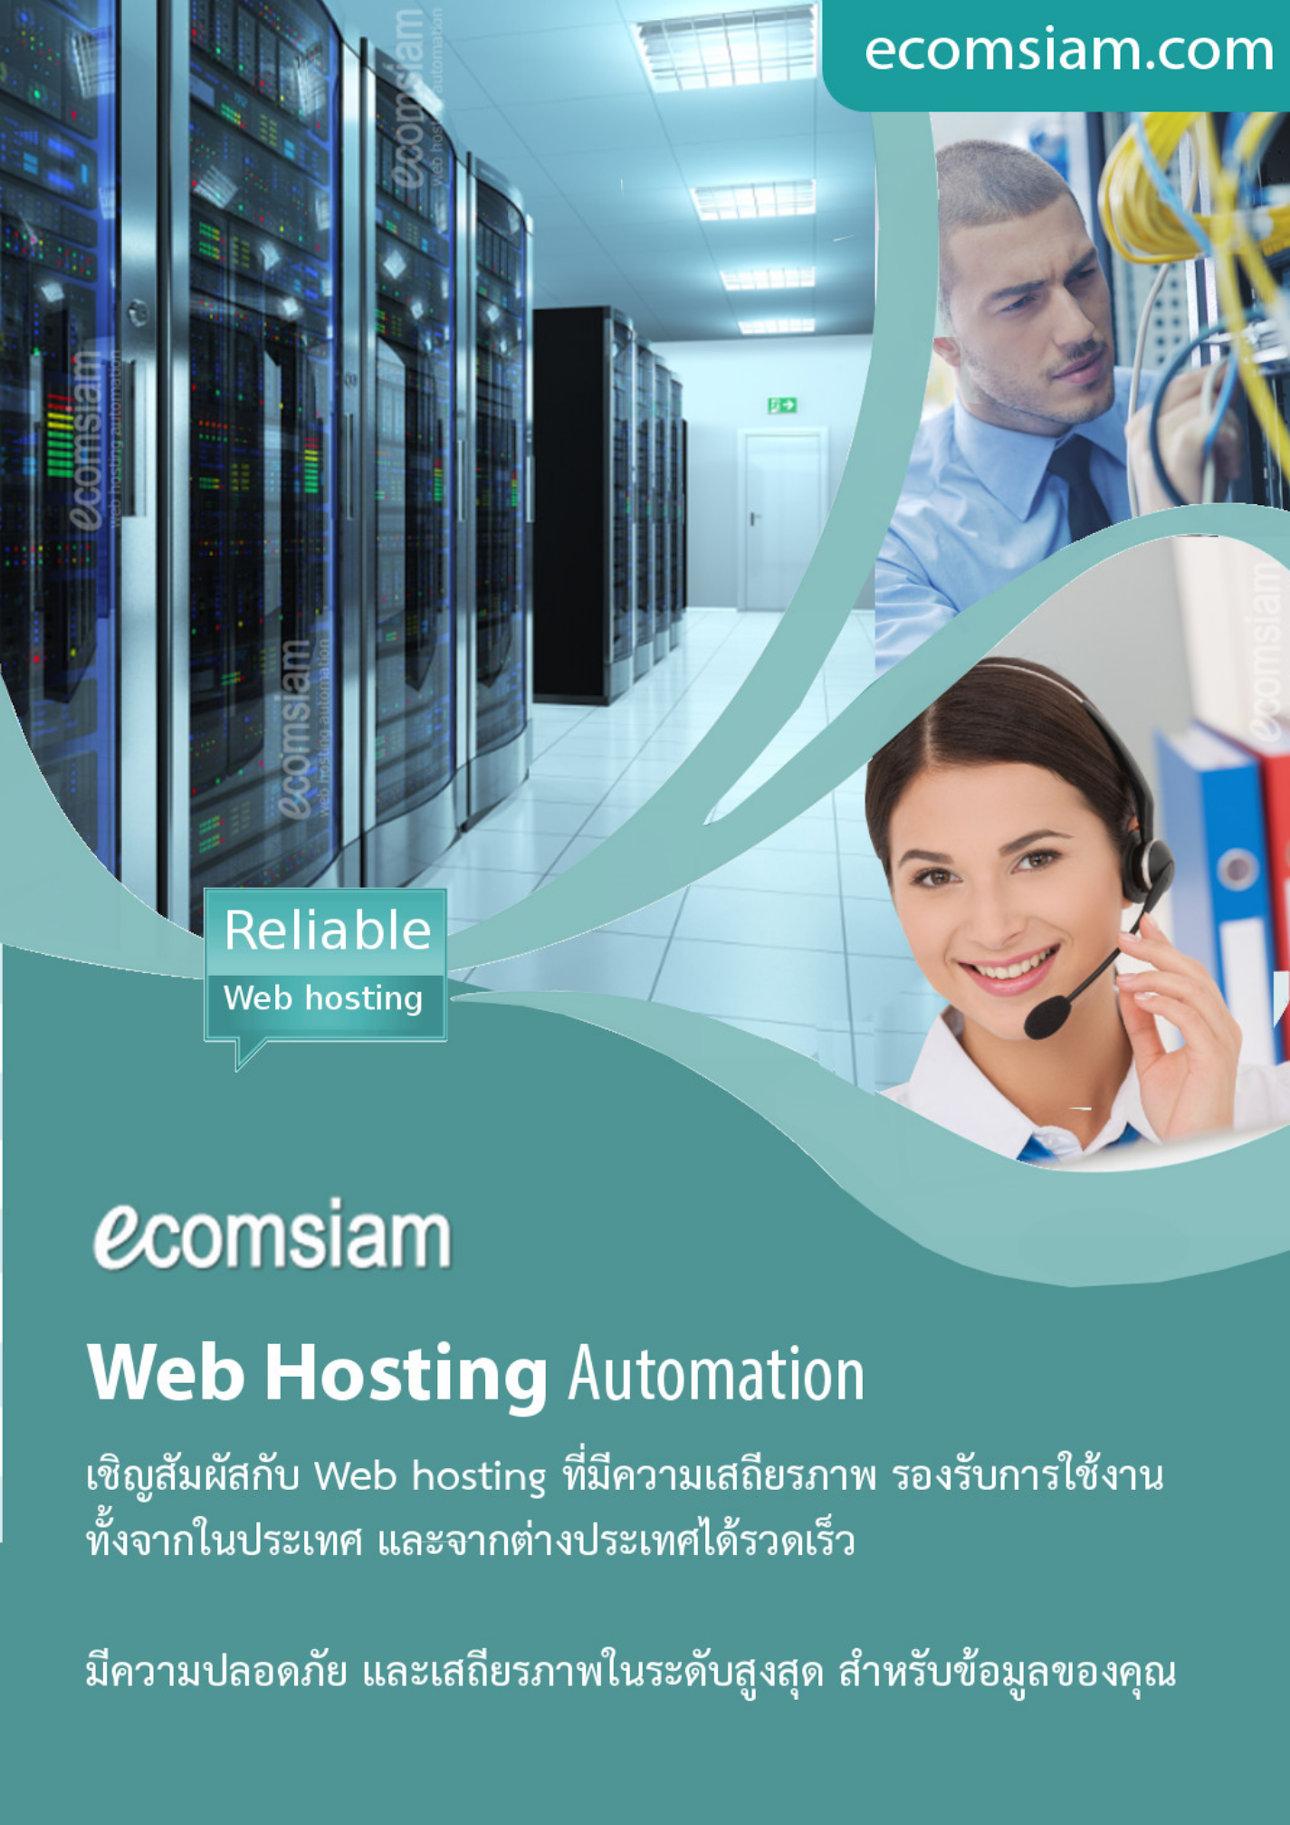 โบรชัวร์ แนะนำ web hosting datacenter ไทย พื้นที่มาก ราคาไม่แพง ปลอดภัย ฟรีโดเมน ฟรี SSL พร้อม Daily/week backup ป้องกันไวรัสจากอีเมล์ กรองสแปมเมล์ และอื่นๆอีกมากมาย